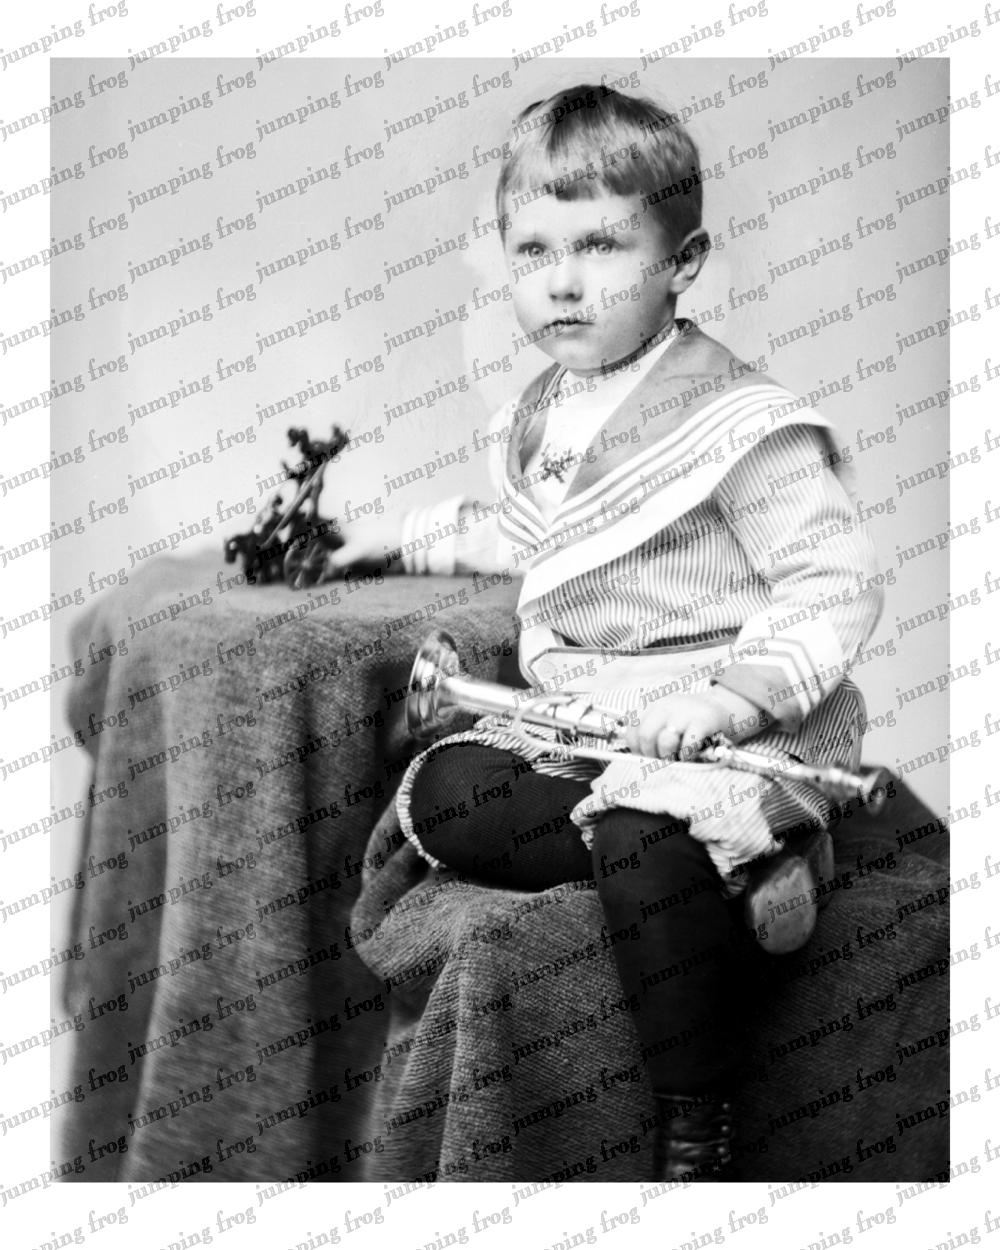 Boy sailor suit cast-iron toy & bugle 8x10 ca 1890s